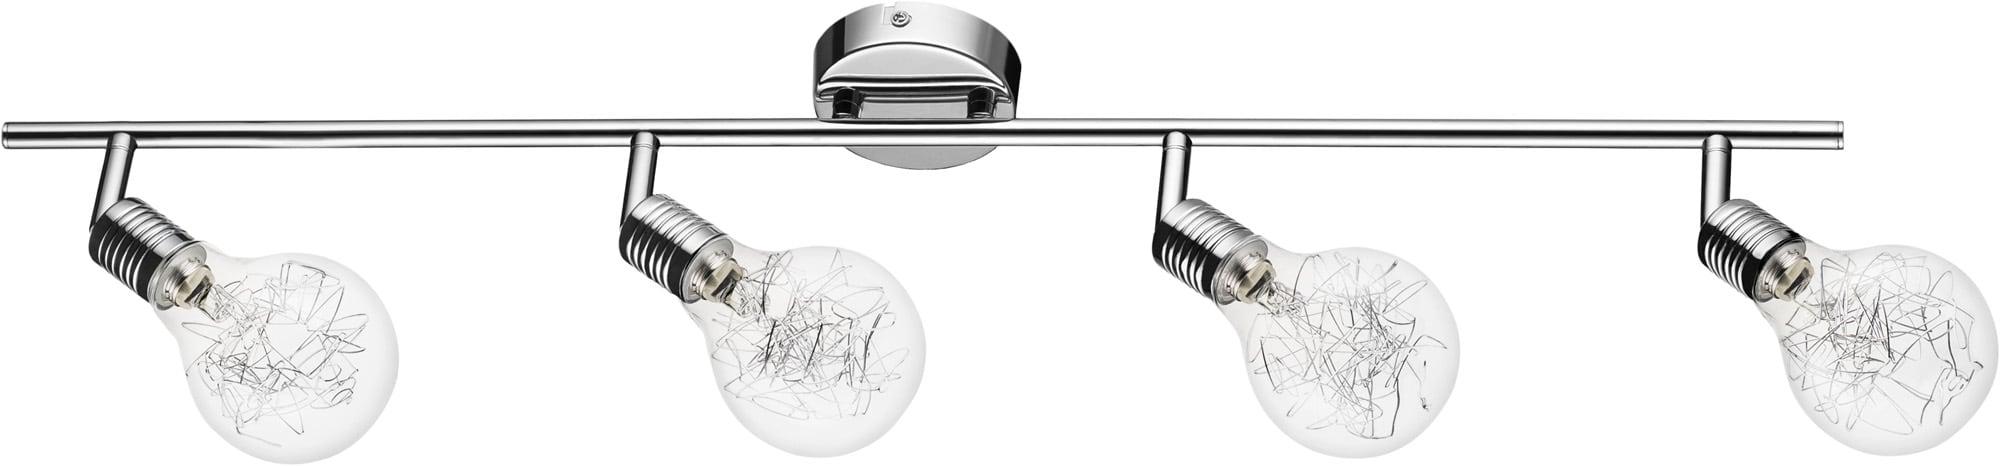 Plafon - 4-Bulbs Spotlight Bulbs Chromed G9 28W